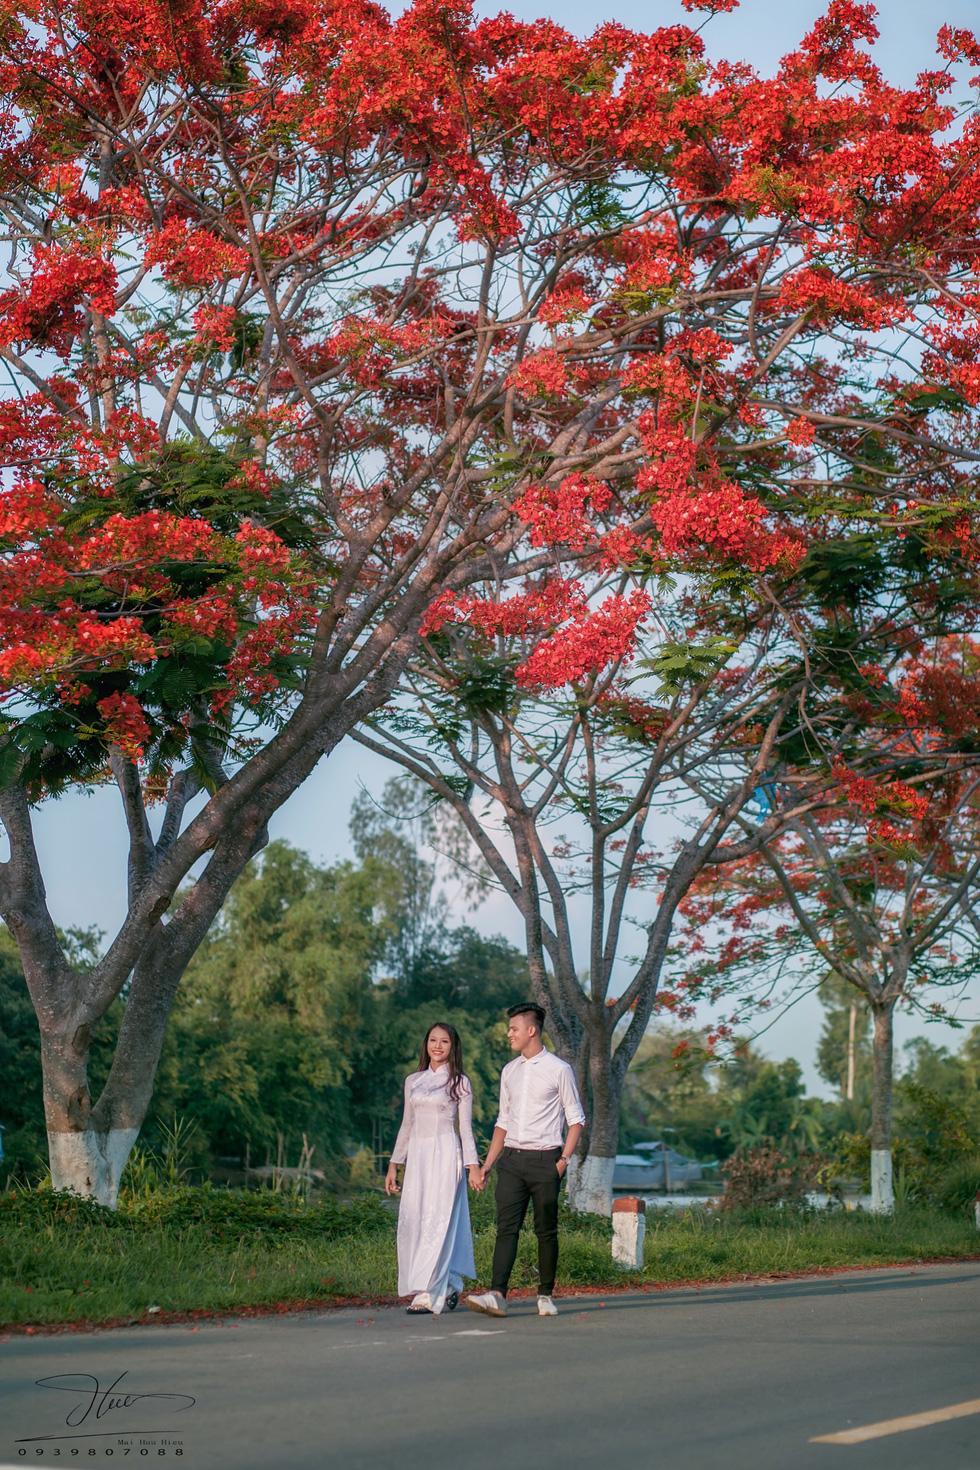 Bạn Phạm Huy (công tác tại TP Cao Lãnh, Đồng Tháp) rủ bạn đến chụp ảnh với hoa phượng. Ý tưởng được đôi bạn đưa ra là mặc áo dài, sơmi trắng để tái hiện hình ảnh tuổi học trò - Ảnh: HỮU HIẾU